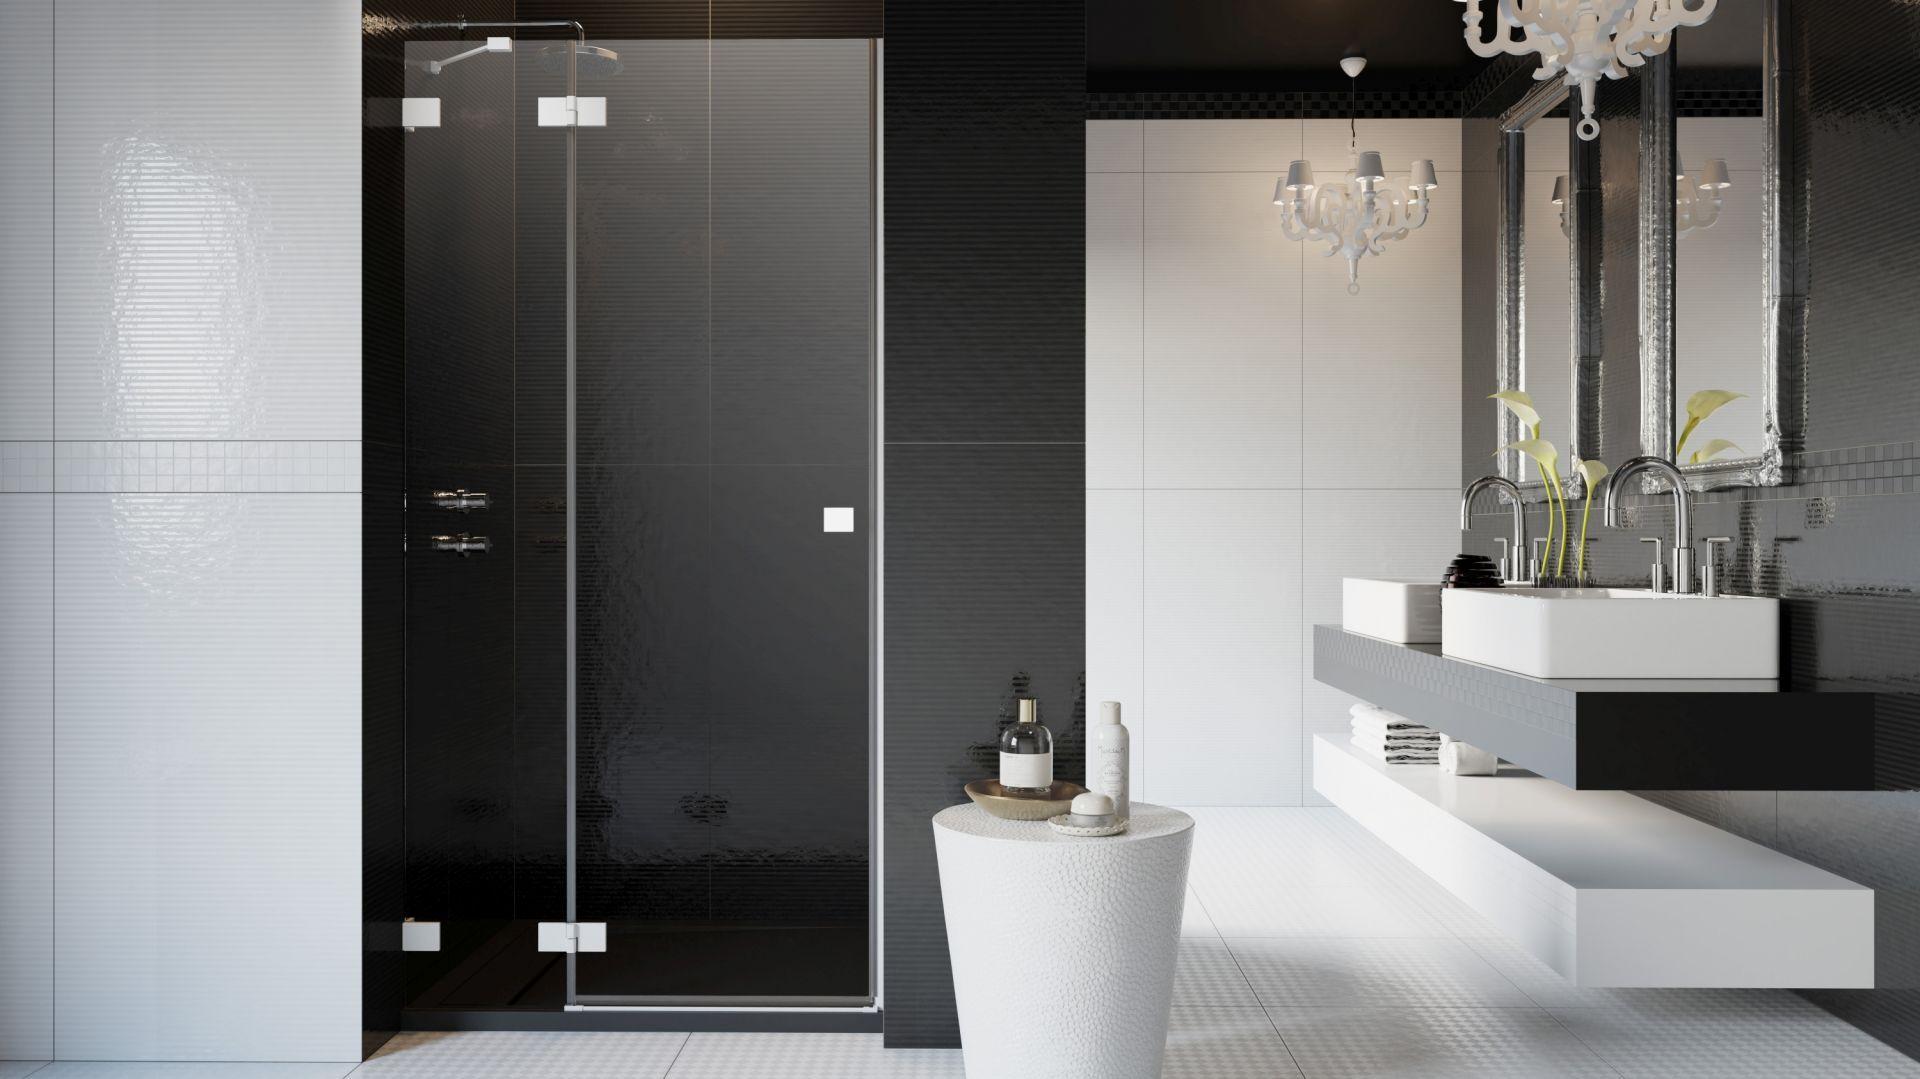 Seria kabin prysznicowych Essenza Pro dostępna jest w czterech kolorach: chrom, czarnym, złotym oraz białym. Dostępna w ofercie firmy Radaway. Cena od 1.440 zł. Fot. Radaway